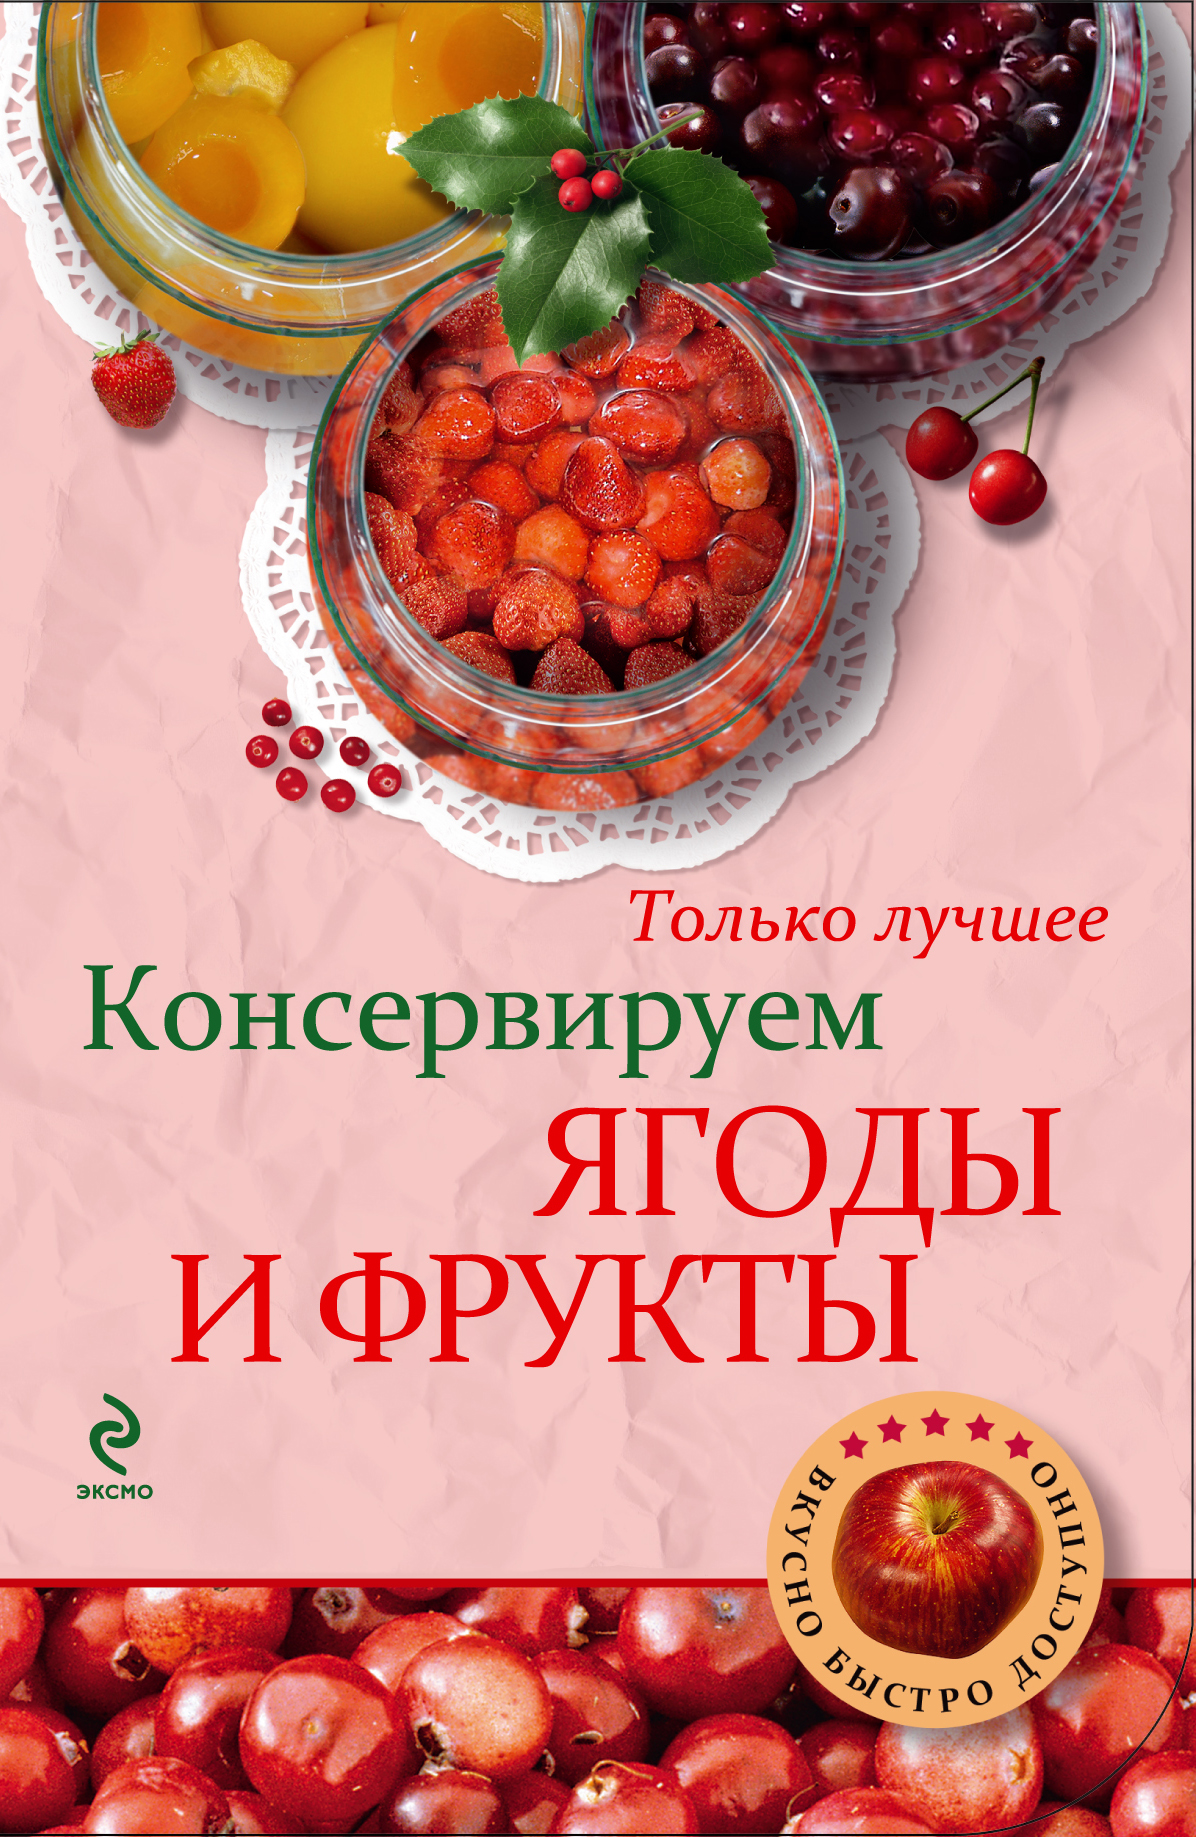 Консервируем ягоды и фрукты как приготовить птицу вкусно и экономно